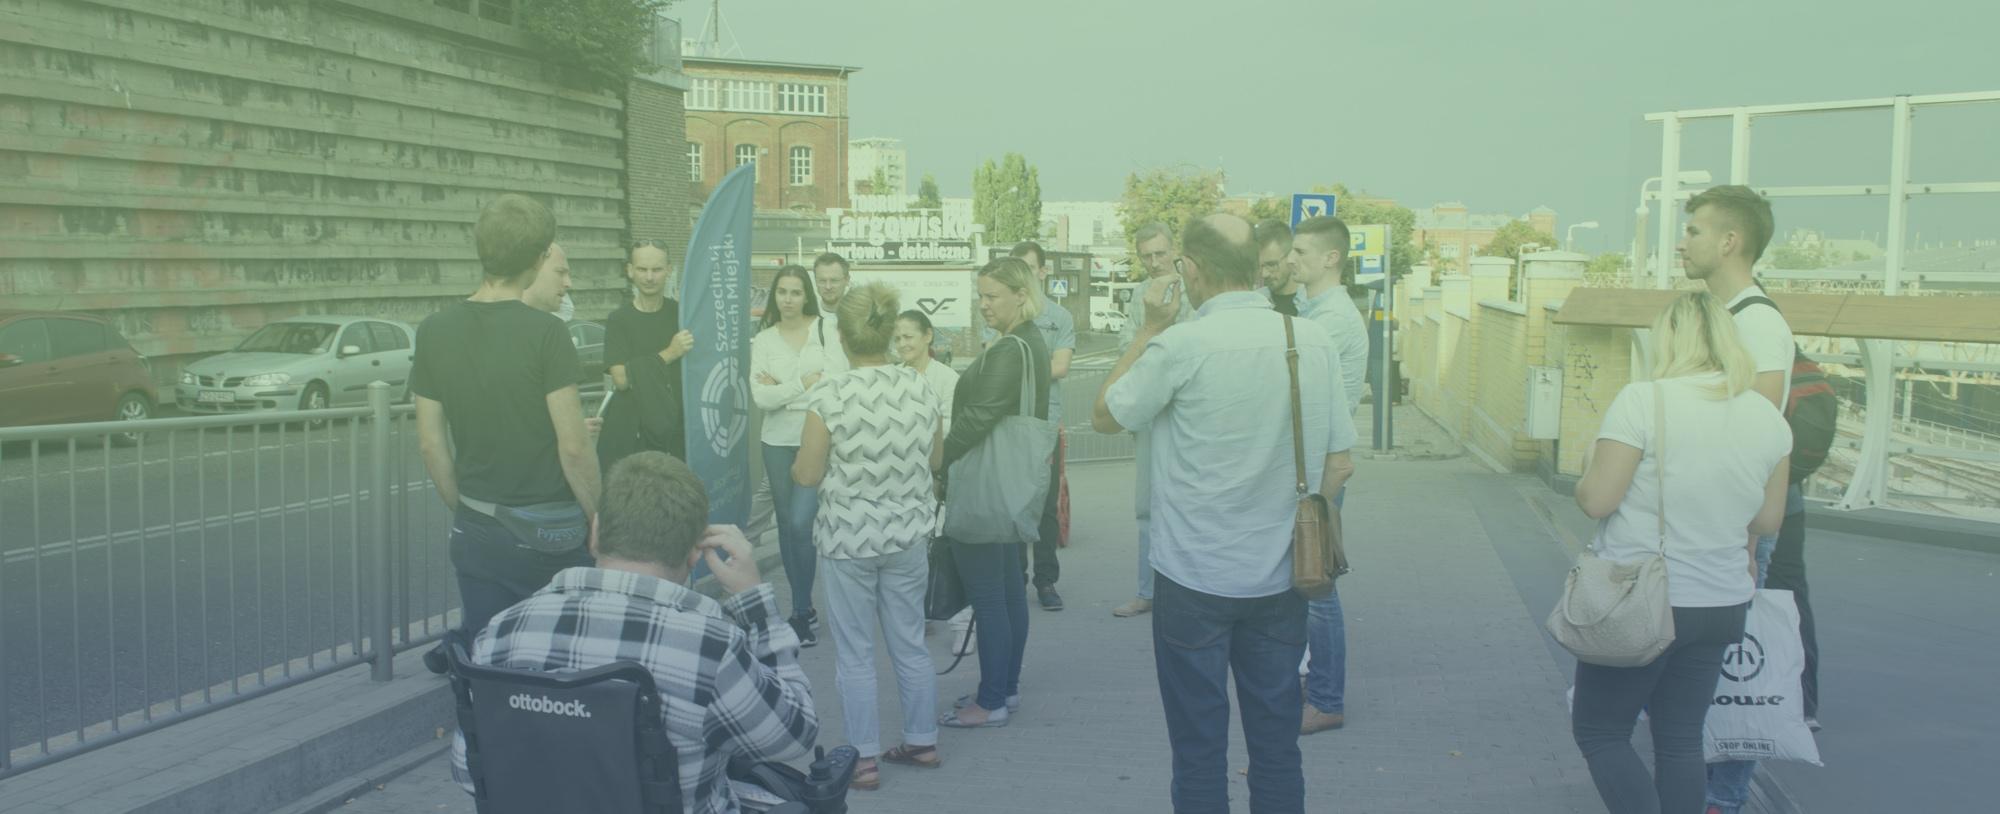 Program KW SRM dla osiedla Nowe Miasto